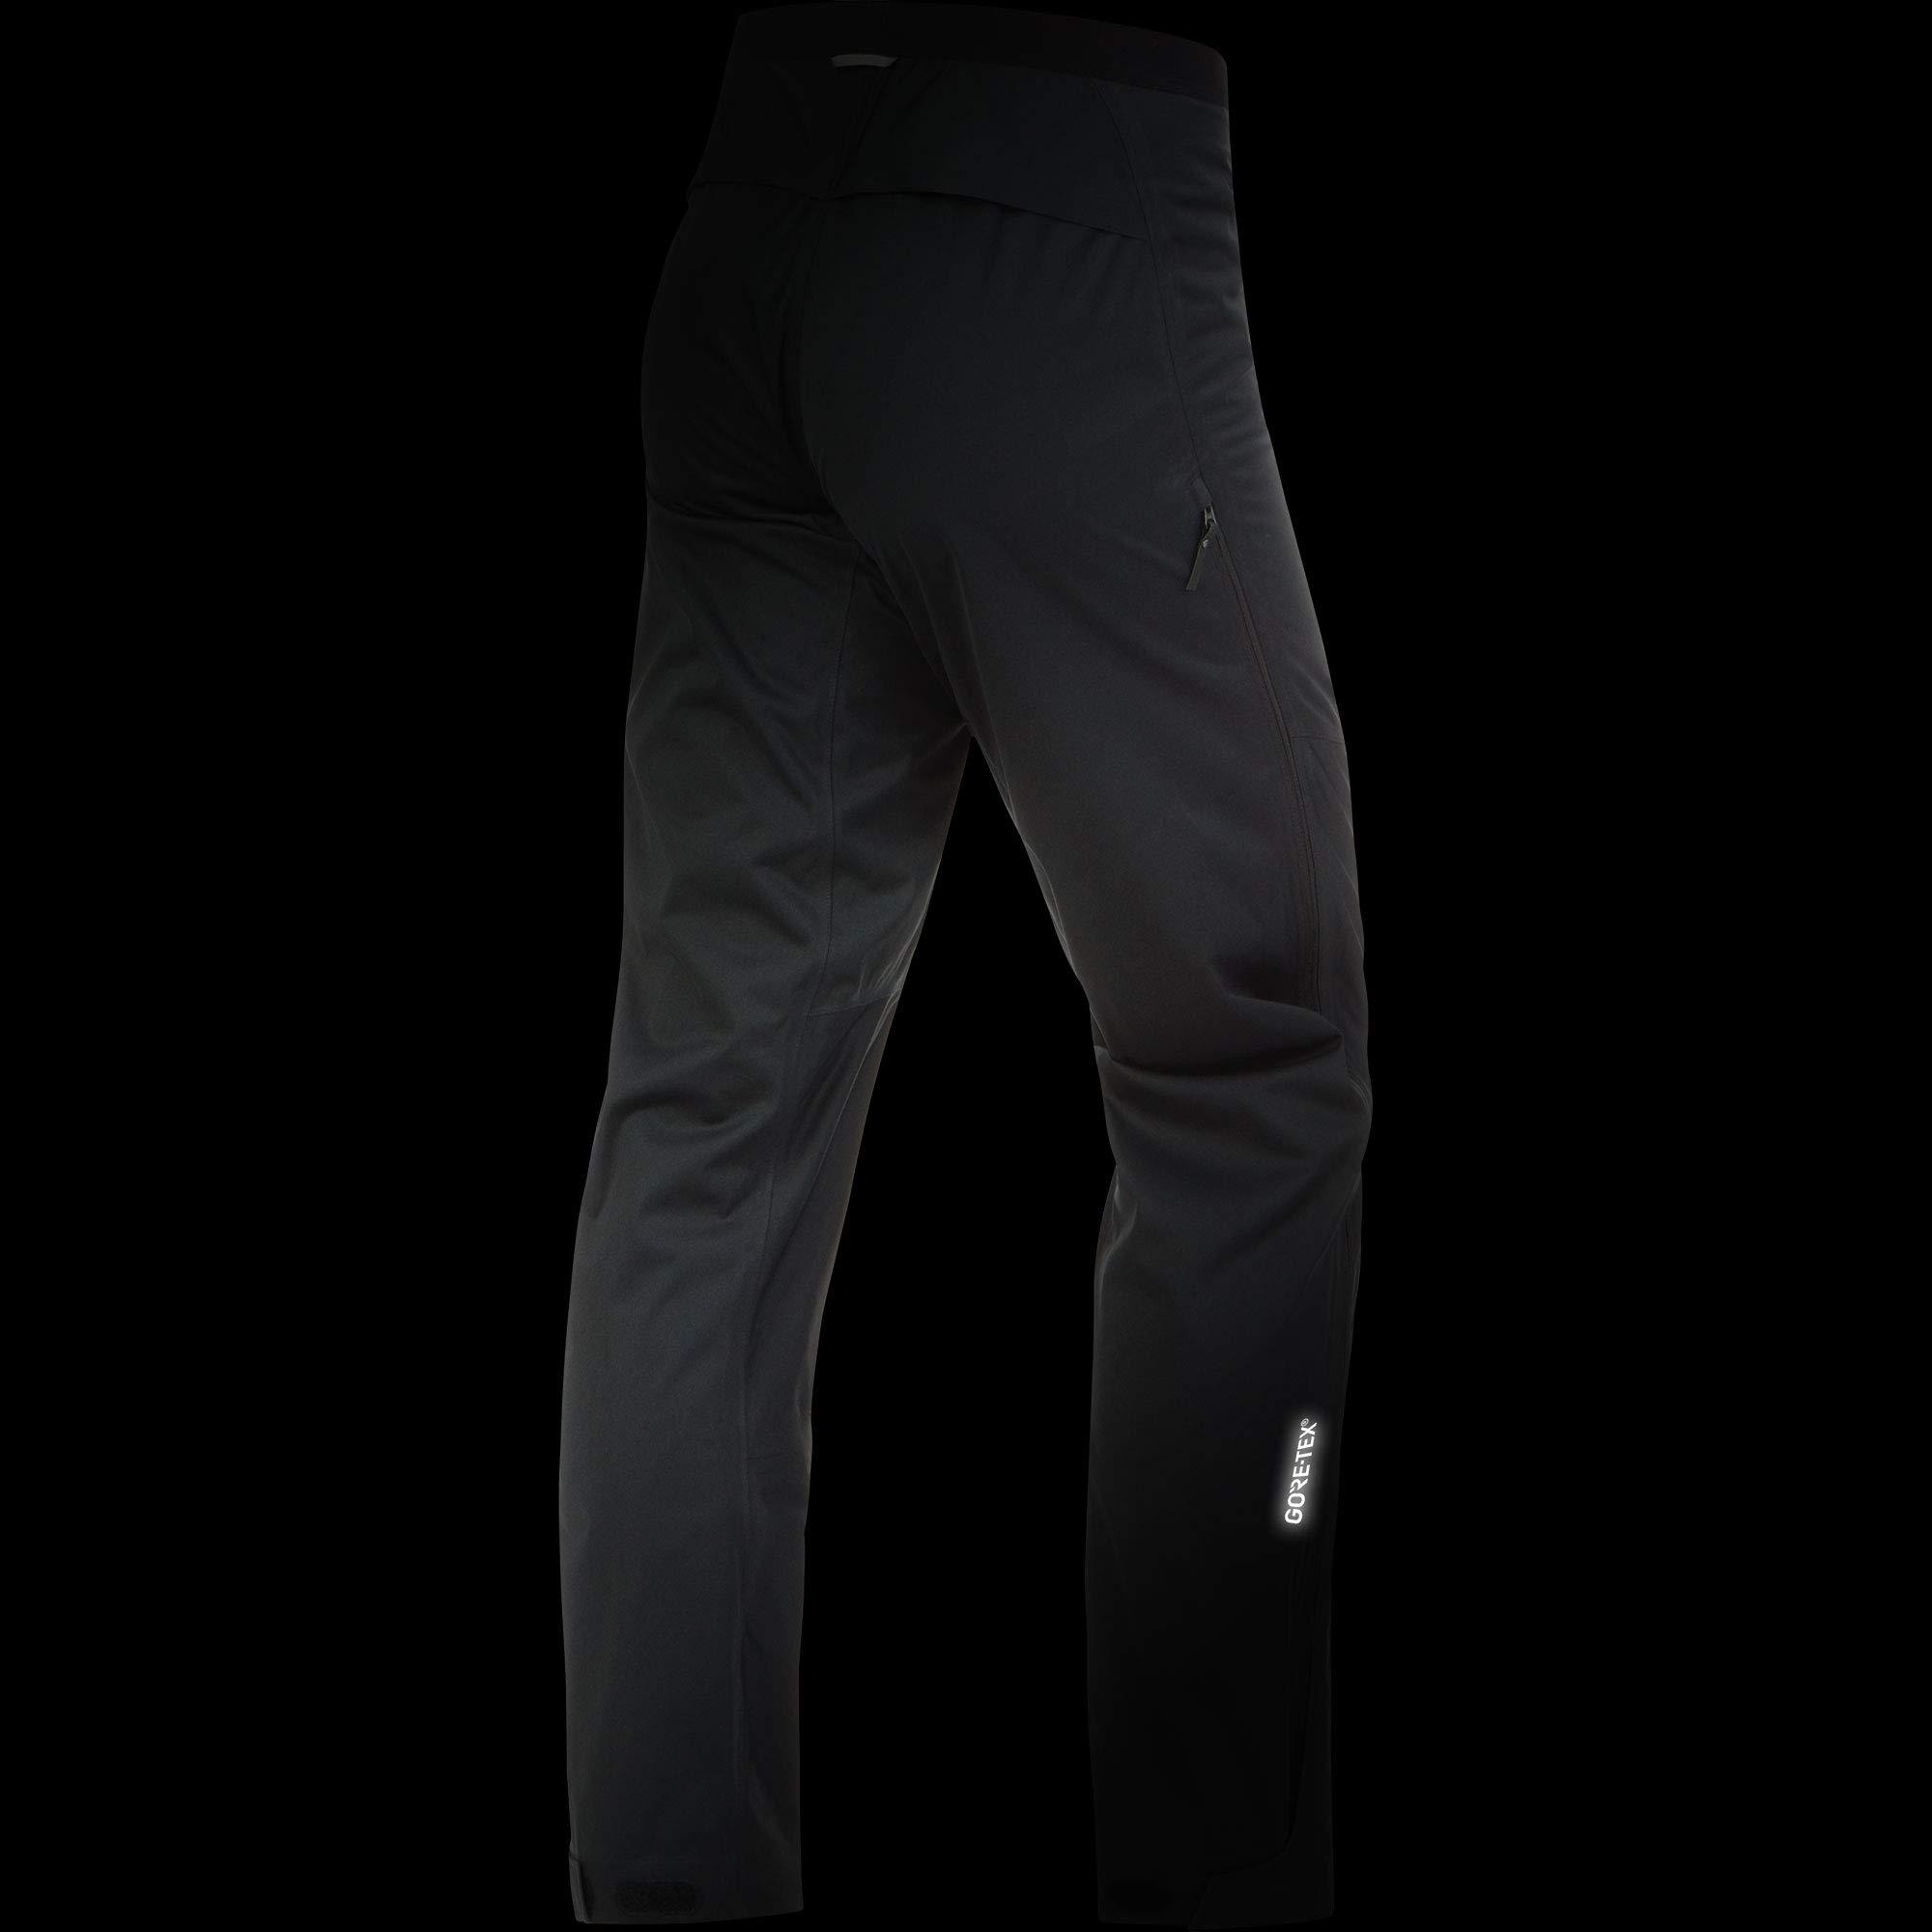 Gore Men's R3 Gtx Active Pants,  black,  L by GORE WEAR (Image #5)